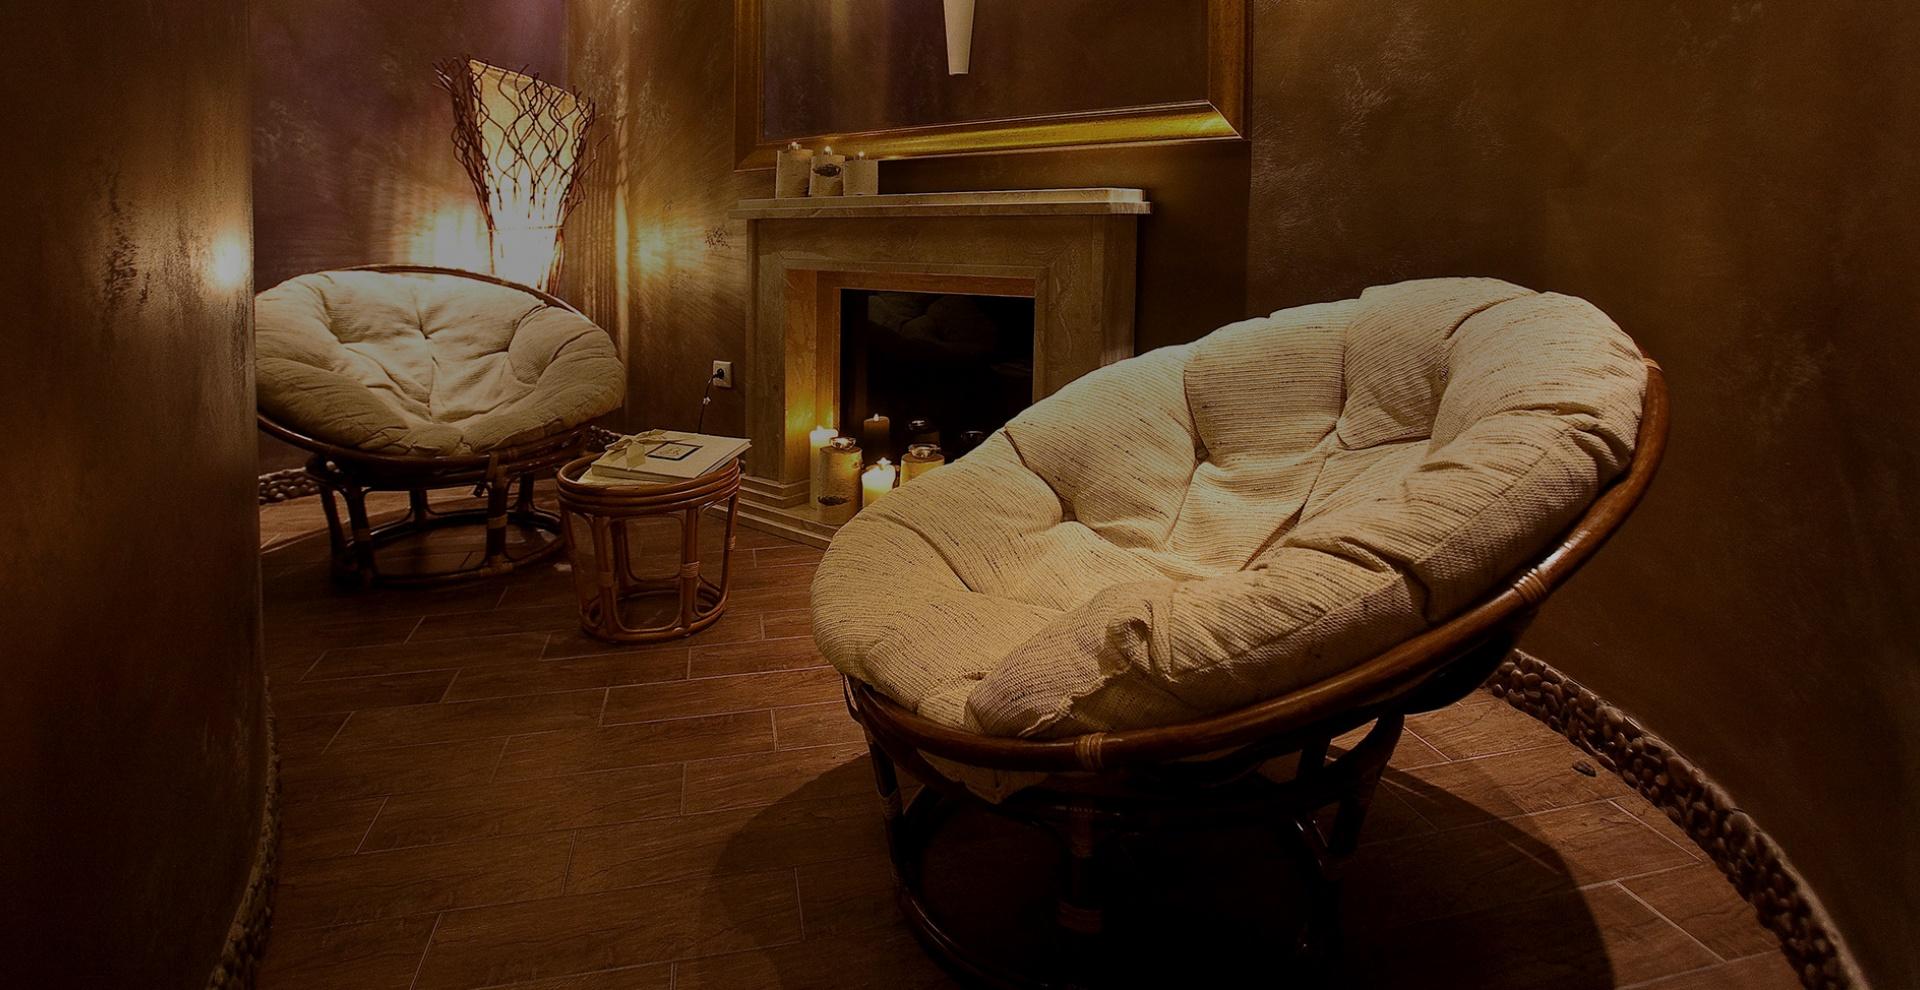 Salon kosmetyczny salon masa u i spa warszawa medica spa for Salon medica